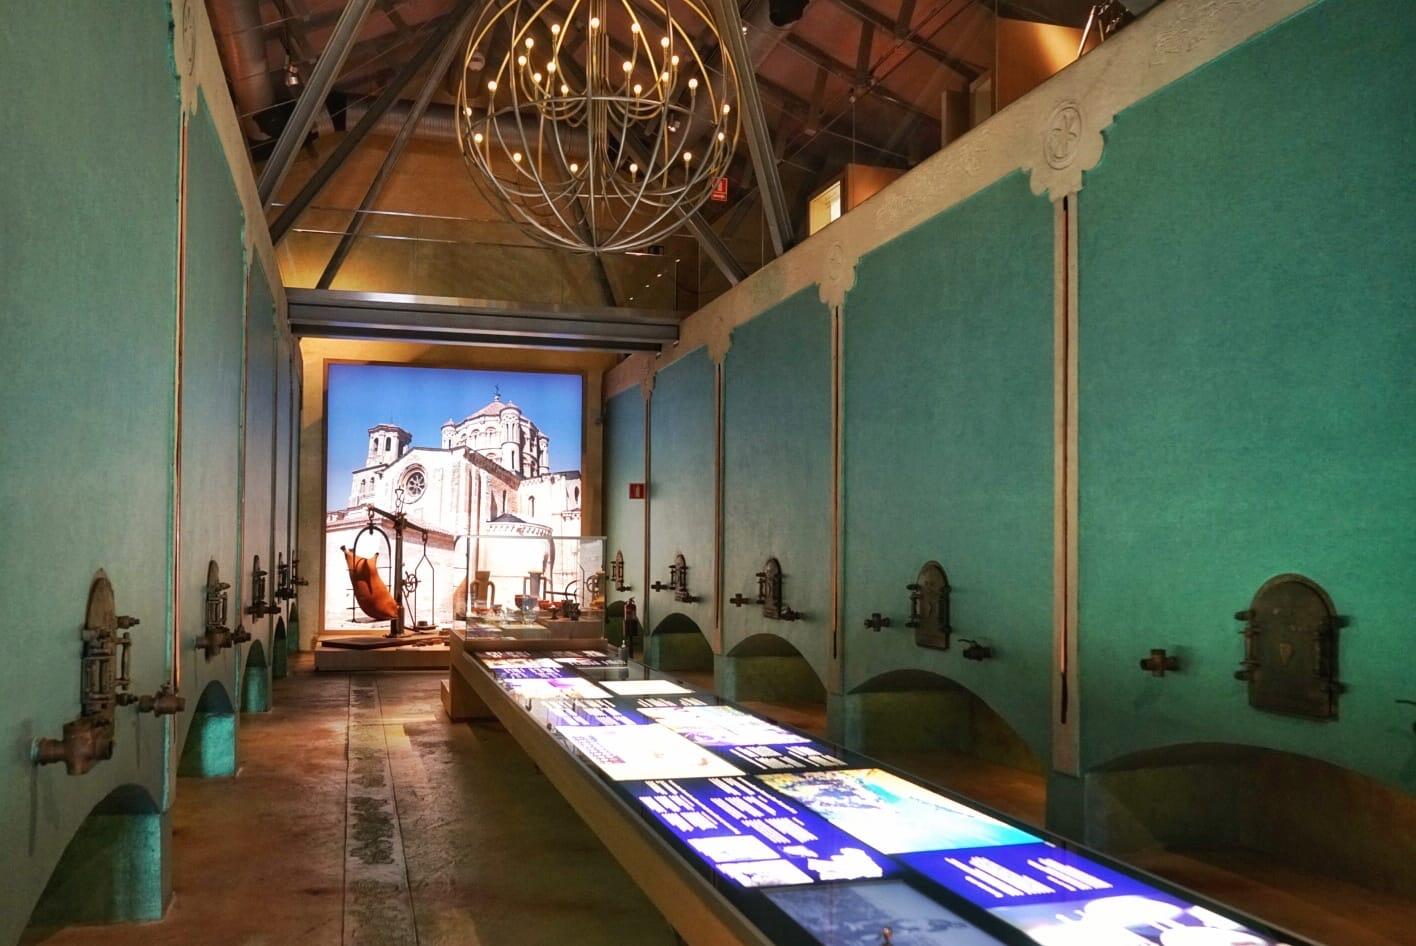 Museo del Vino Pagos del Rey en Morales de Toro